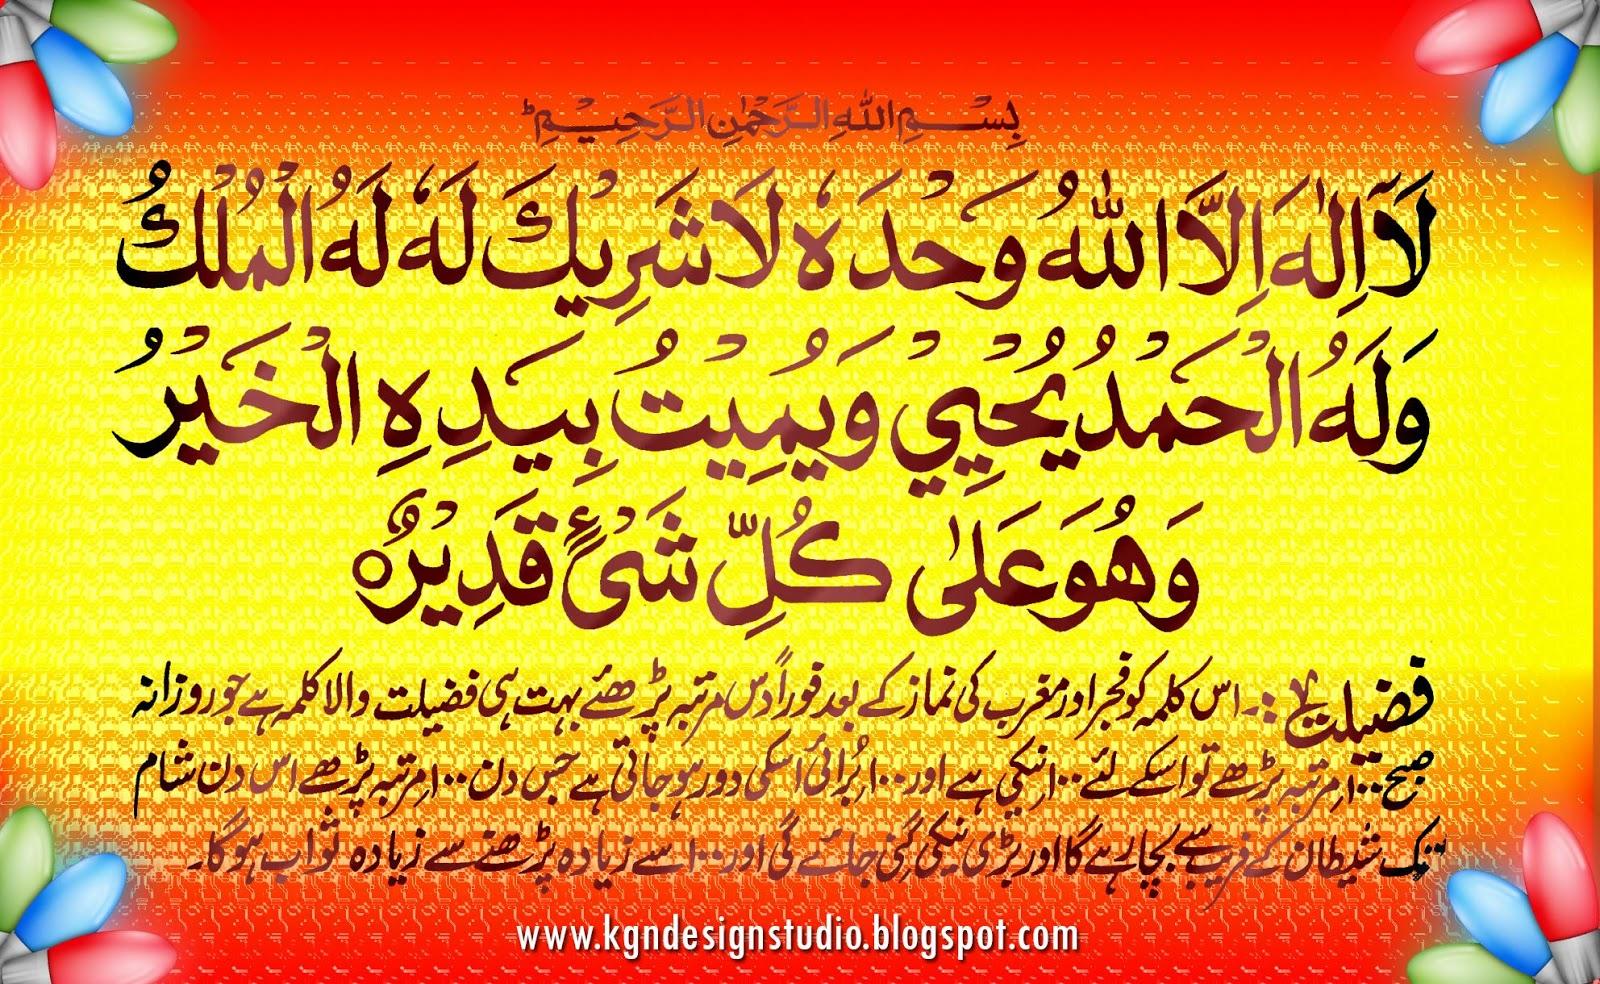 http://1.bp.blogspot.com/-R8VXsUzWWHI/UO-1mlGdAMI/AAAAAAAACqM/k9aVlzyEeow/s1600/Urdu+Hadees-9.jpg